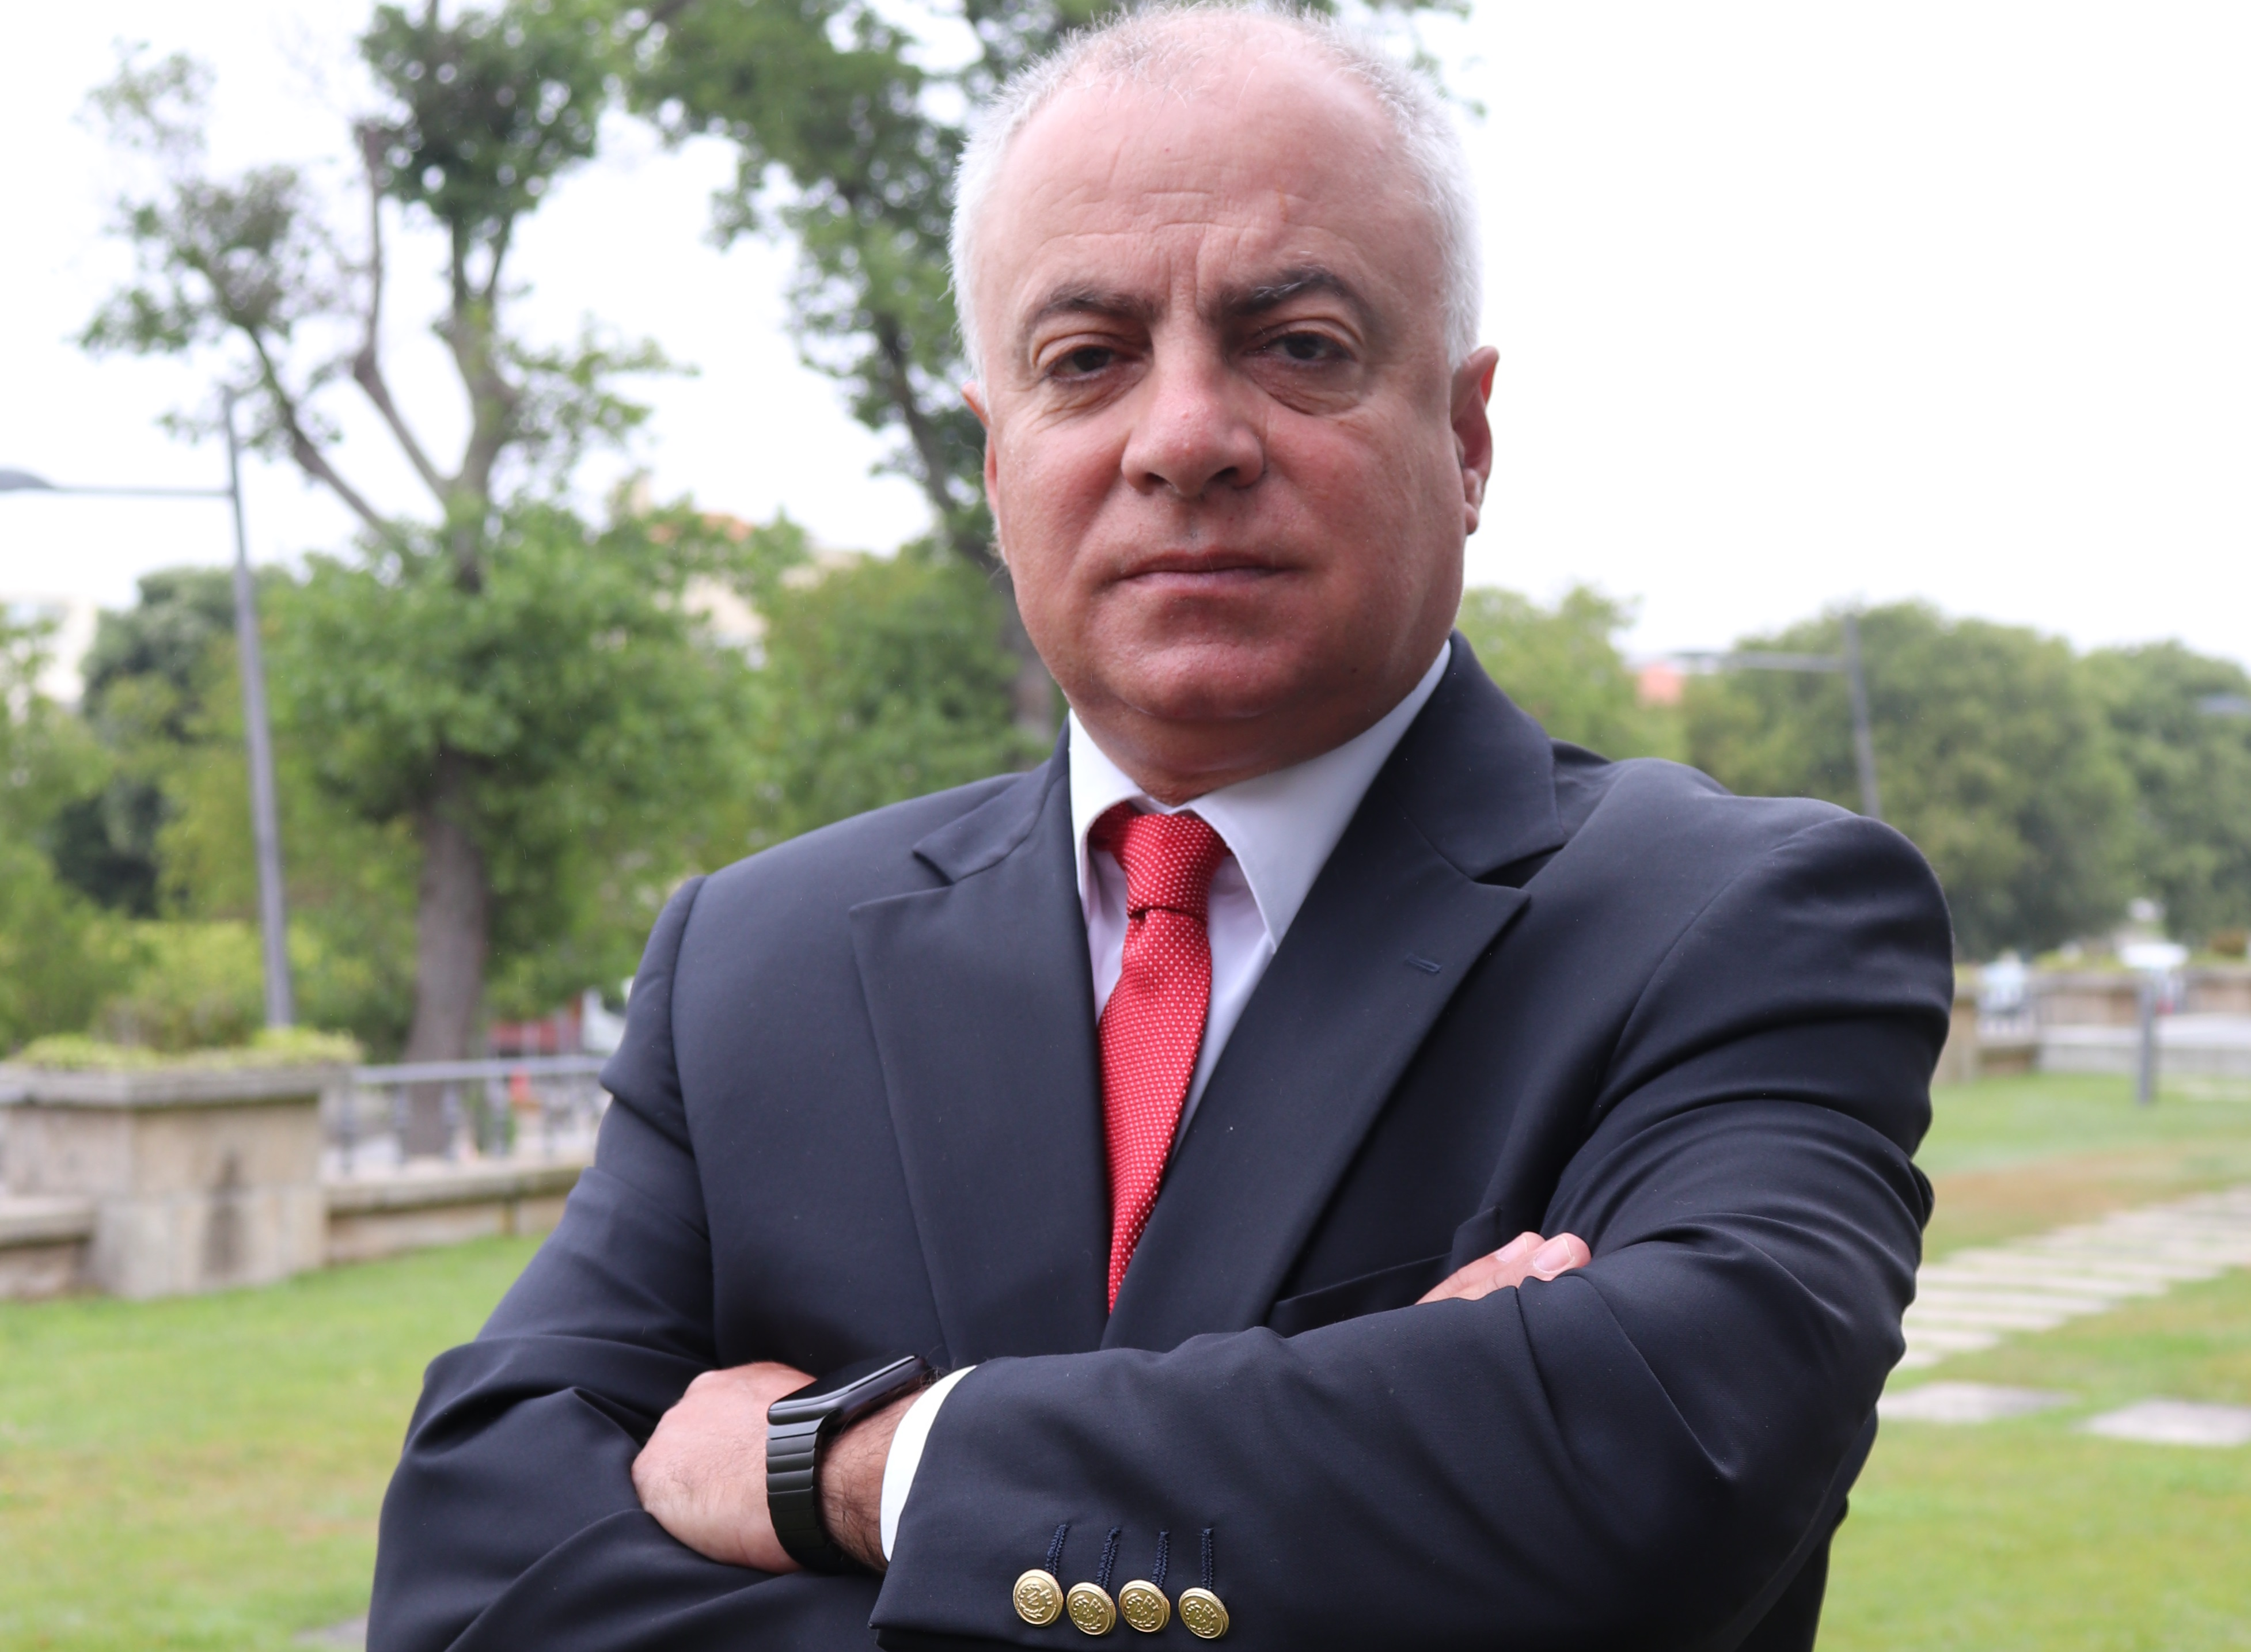 Luís Lima, presidente da Associação dos profissionais e Empresas de Mediação Imobiliária de Portugal (APEMIP) / APEMIP